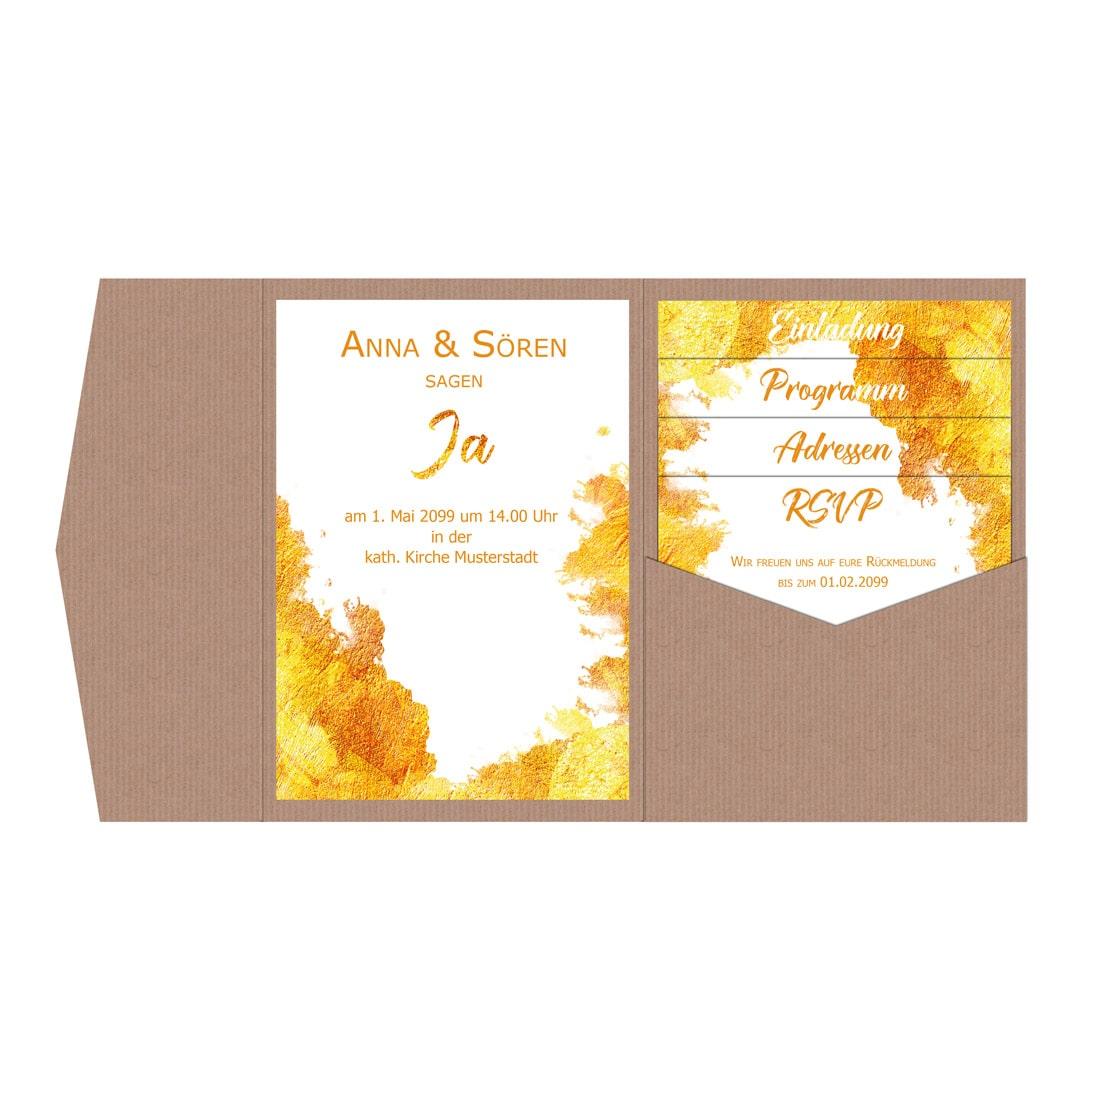 Vorschau edle pocketfold einladungen hochzeit gold drucken lassen